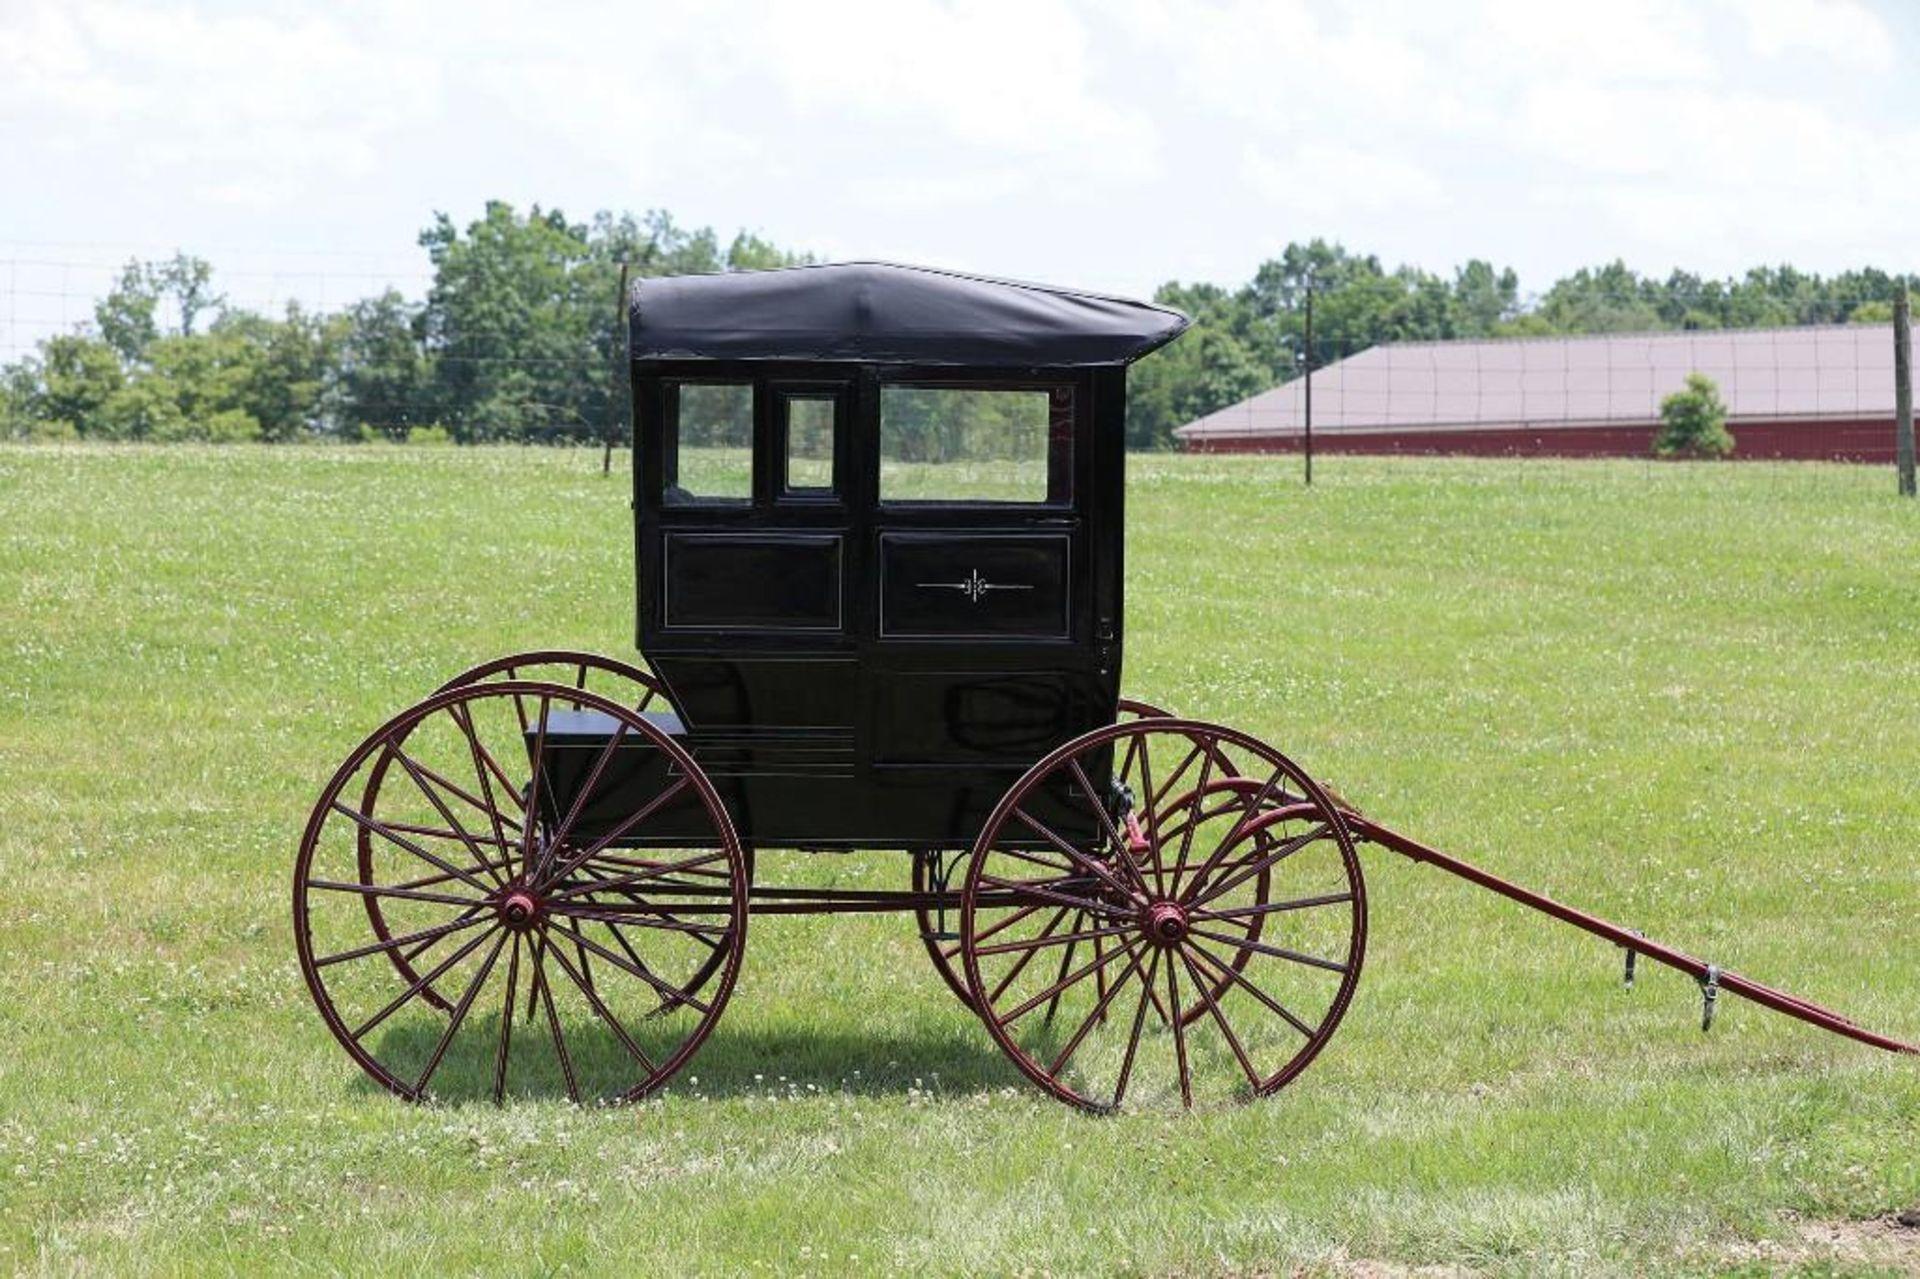 Vintage Storm Buggy w/Shafts - Image 2 of 2